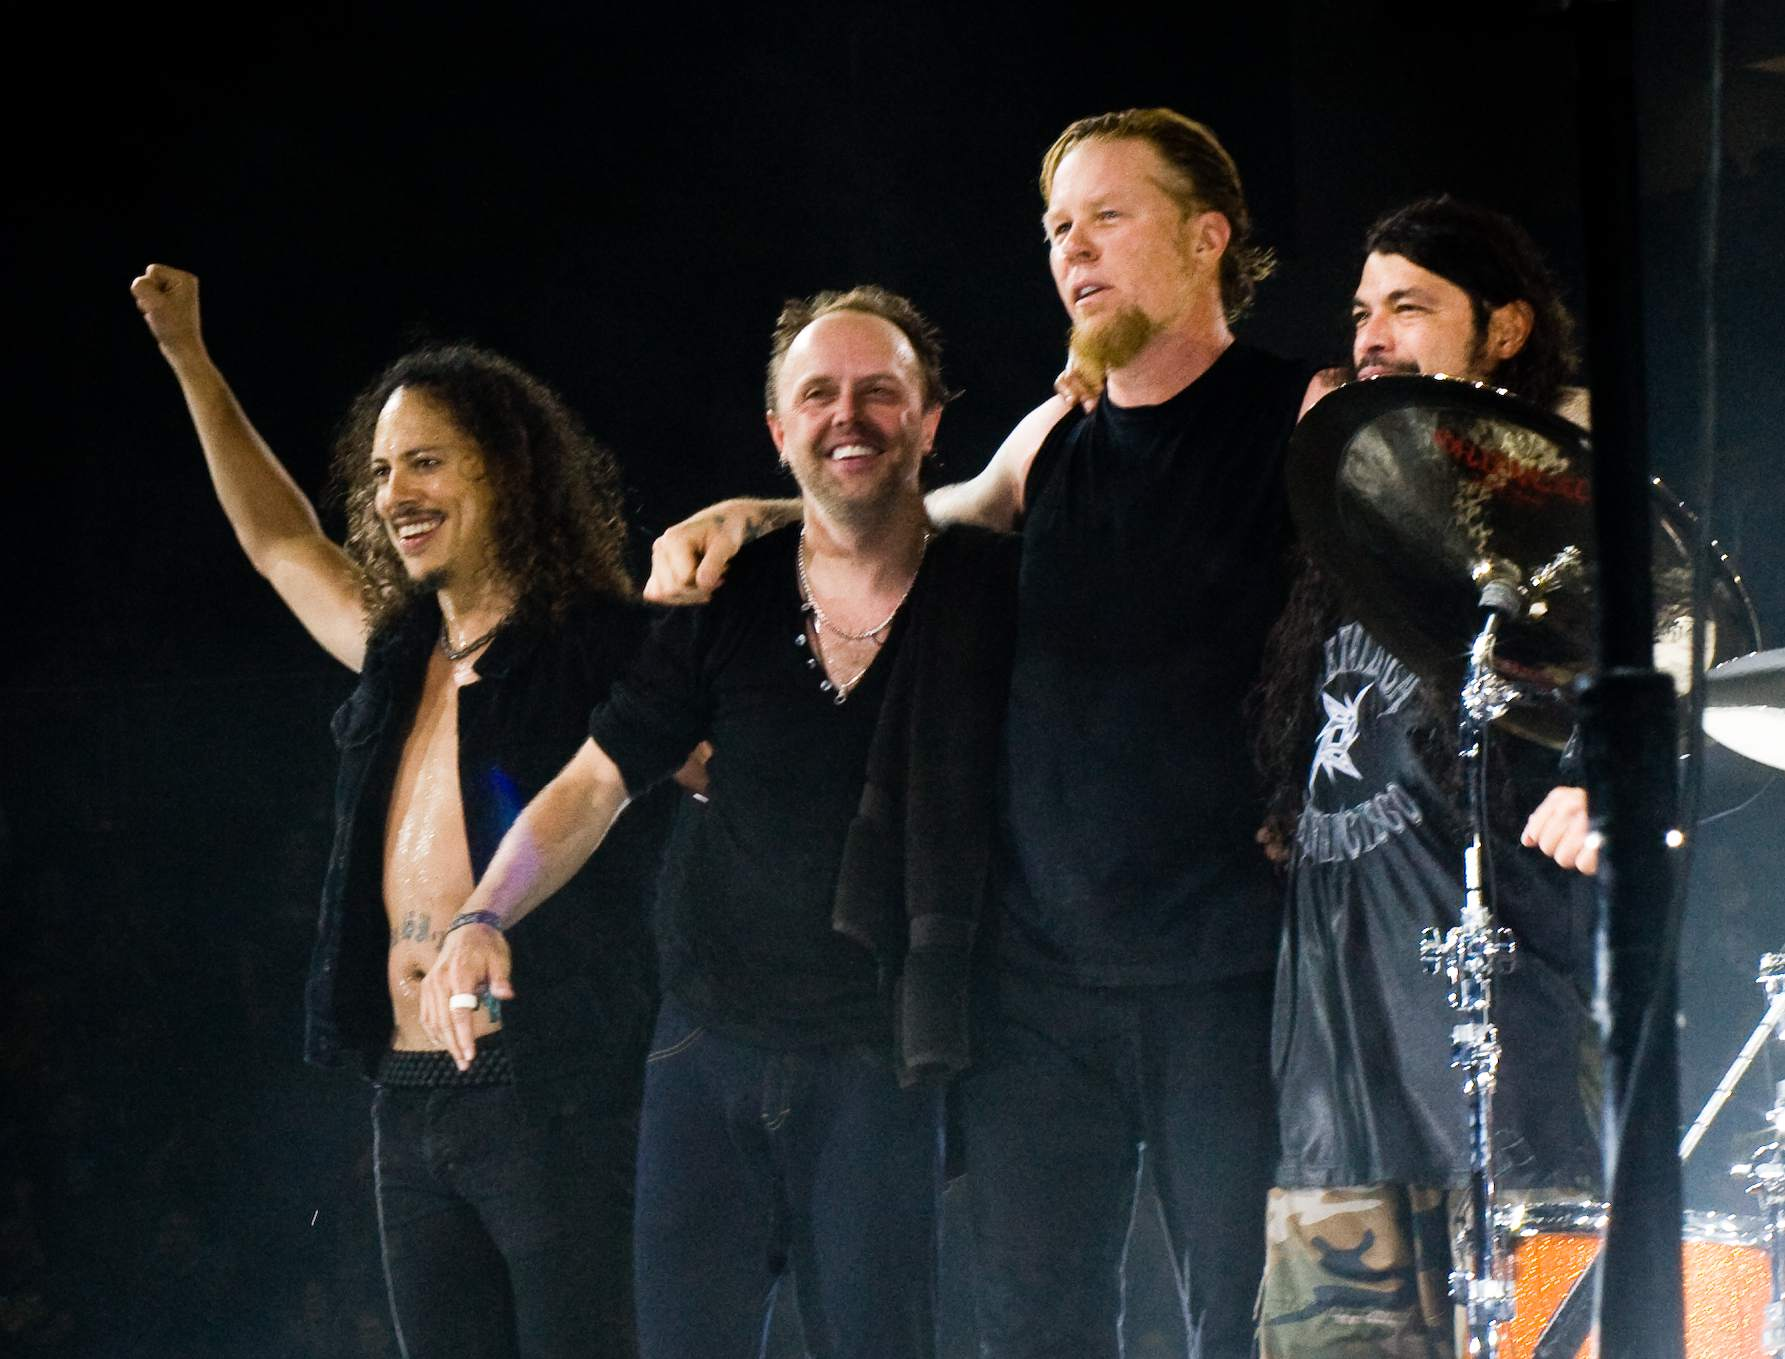 Metallica rock